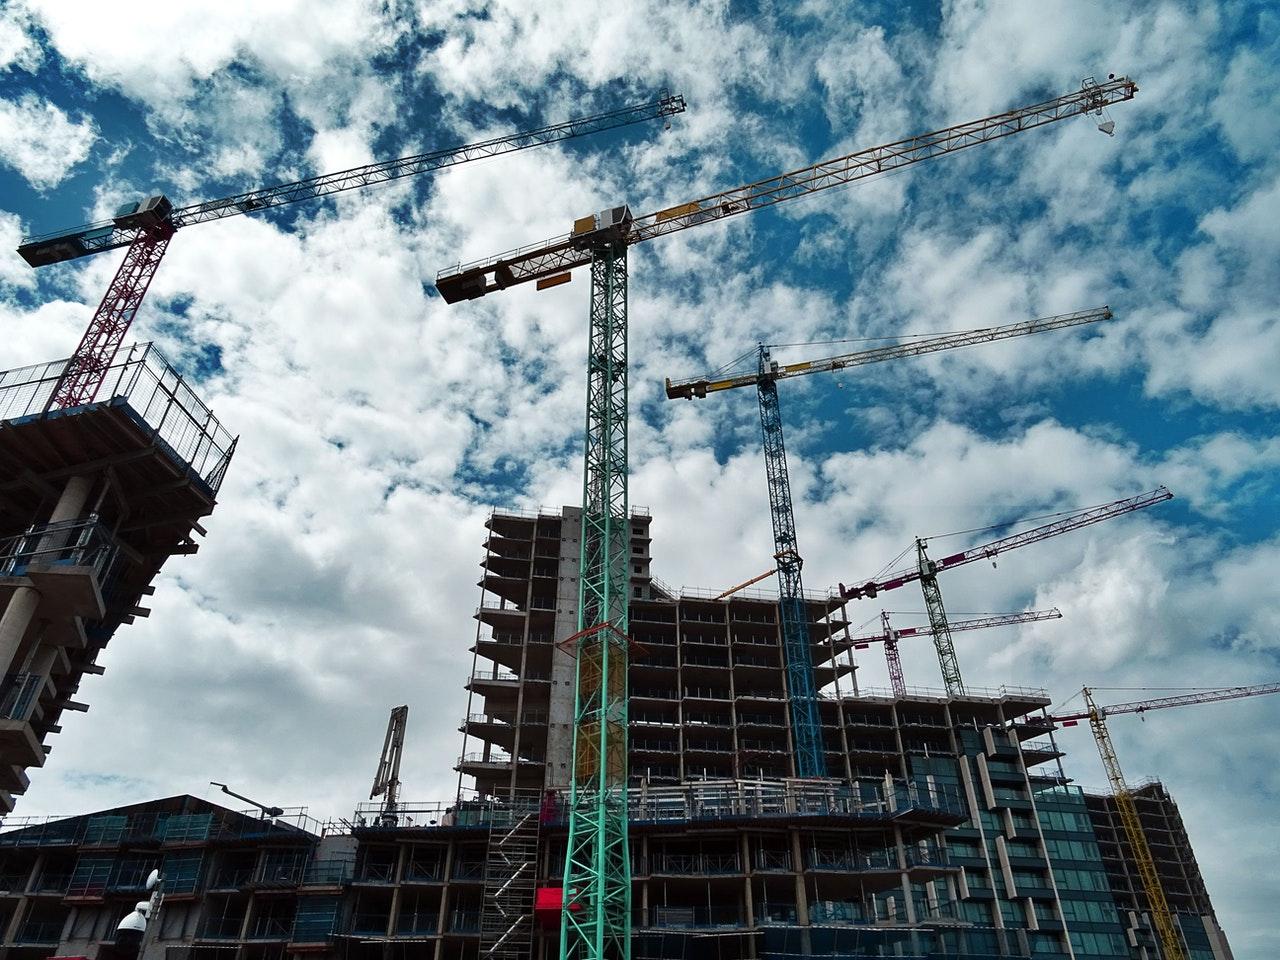 Immobilier : quand les BTP se préparent à la relance en dépit de la crise !